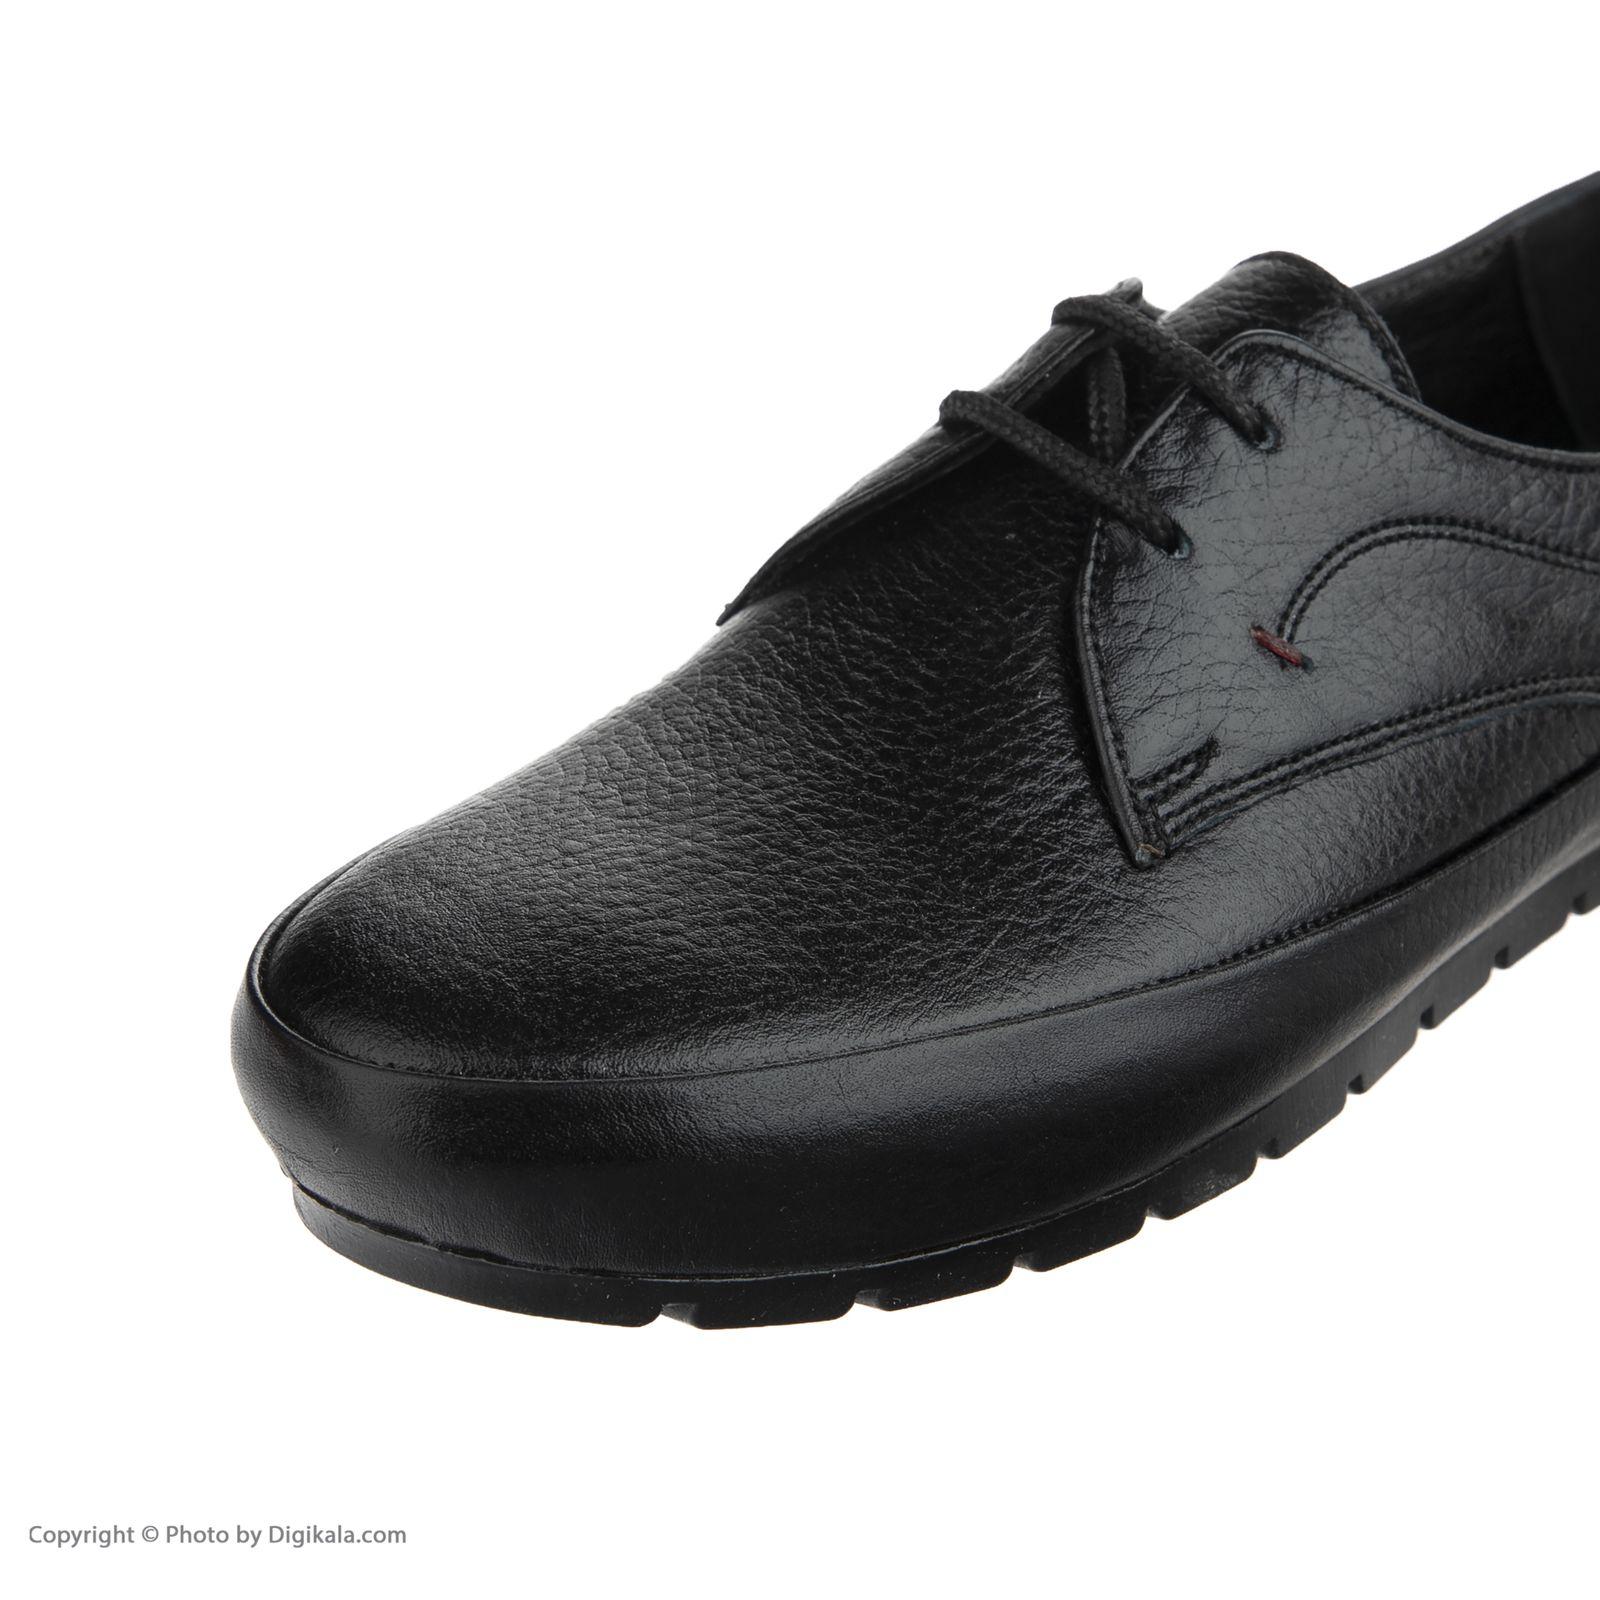 کفش روزمره زنانه شیفر مدل 5313b500101 main 1 5